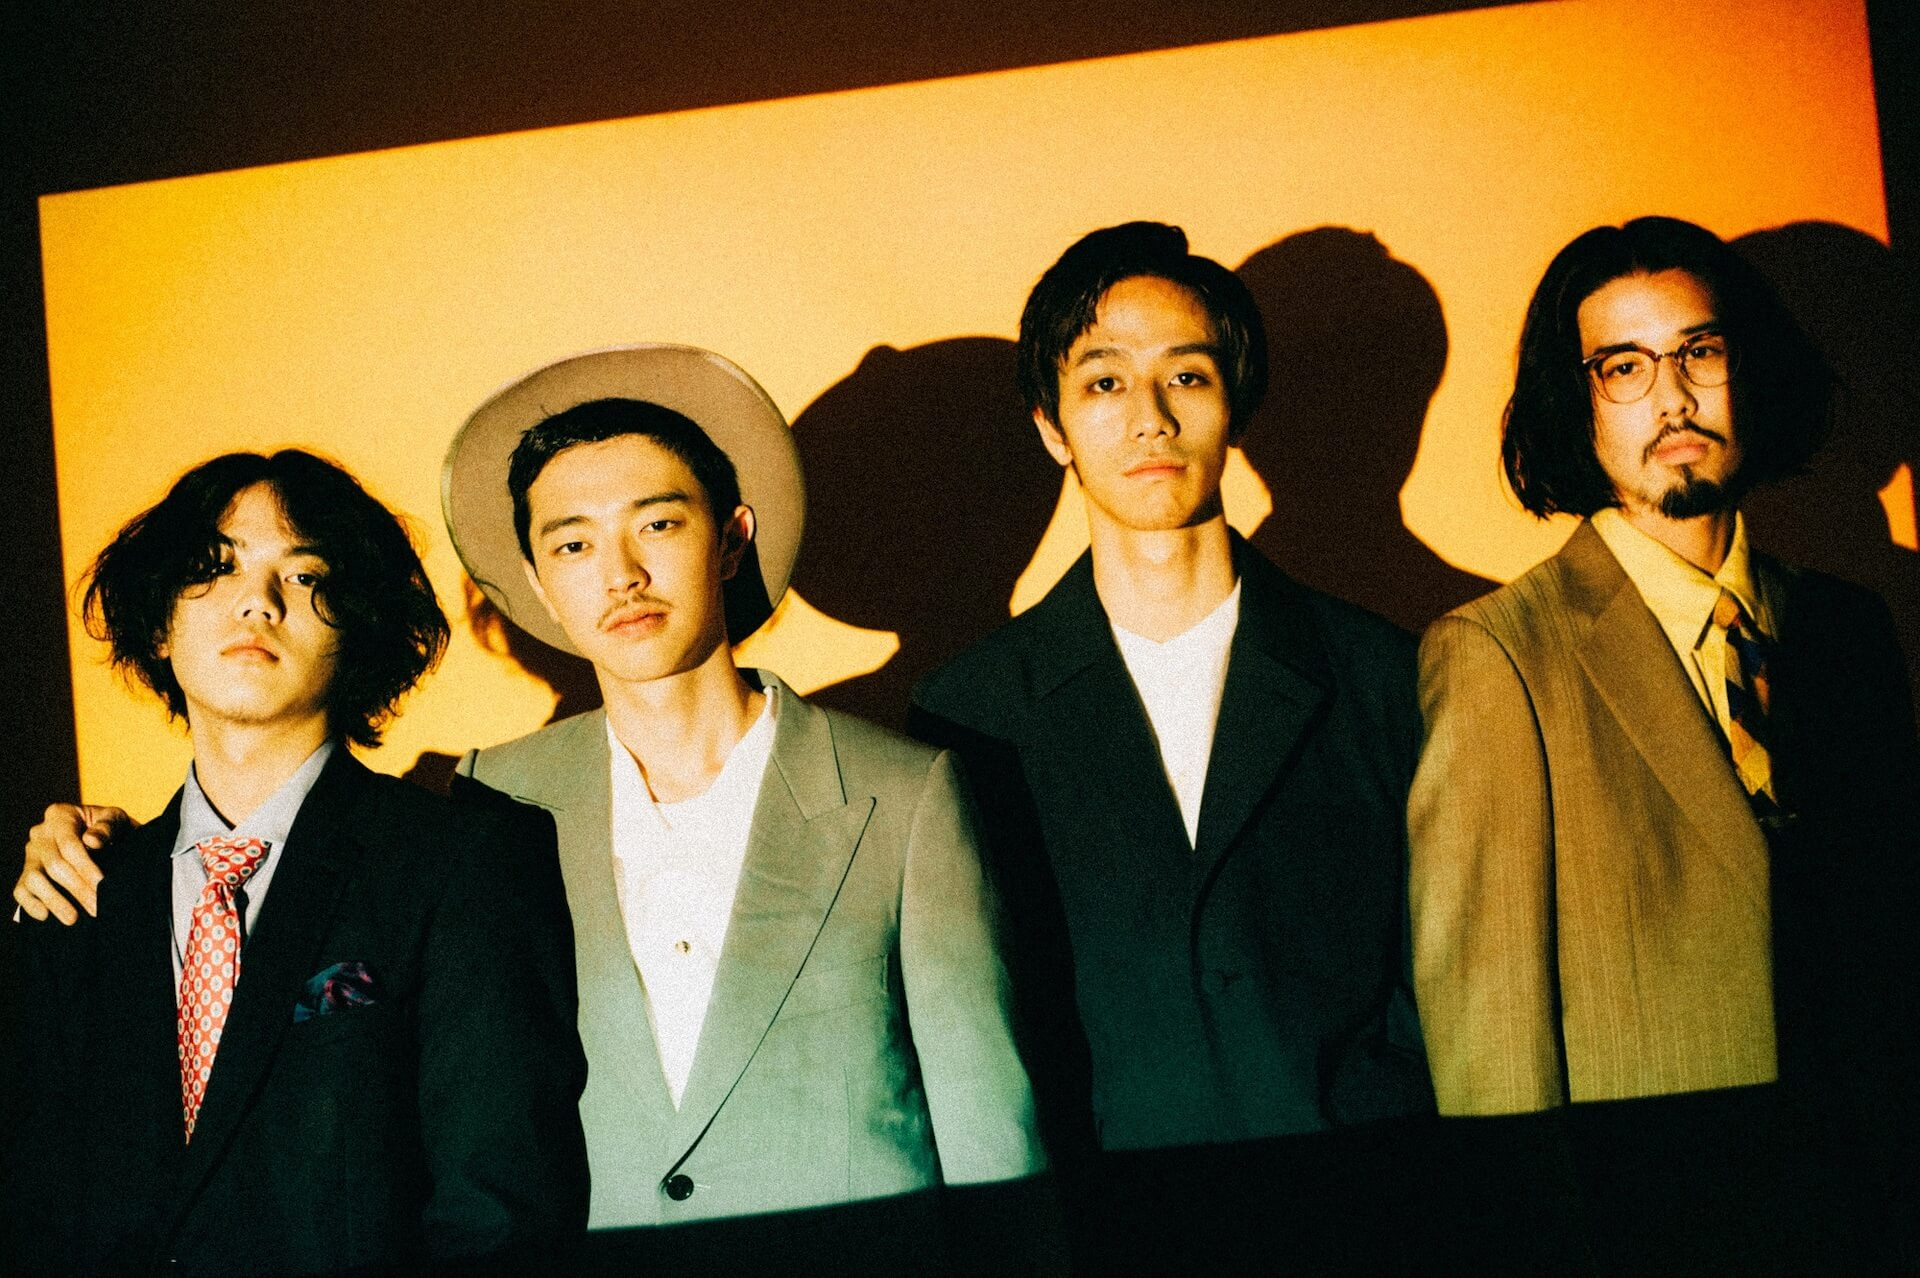 """yonawoがファーストアルバム『明日は当然来ないでしょ』収録曲""""good job""""のMV公開!アルバムリリースのツアーも全国で開催決定 music_2020930_yonawo5"""